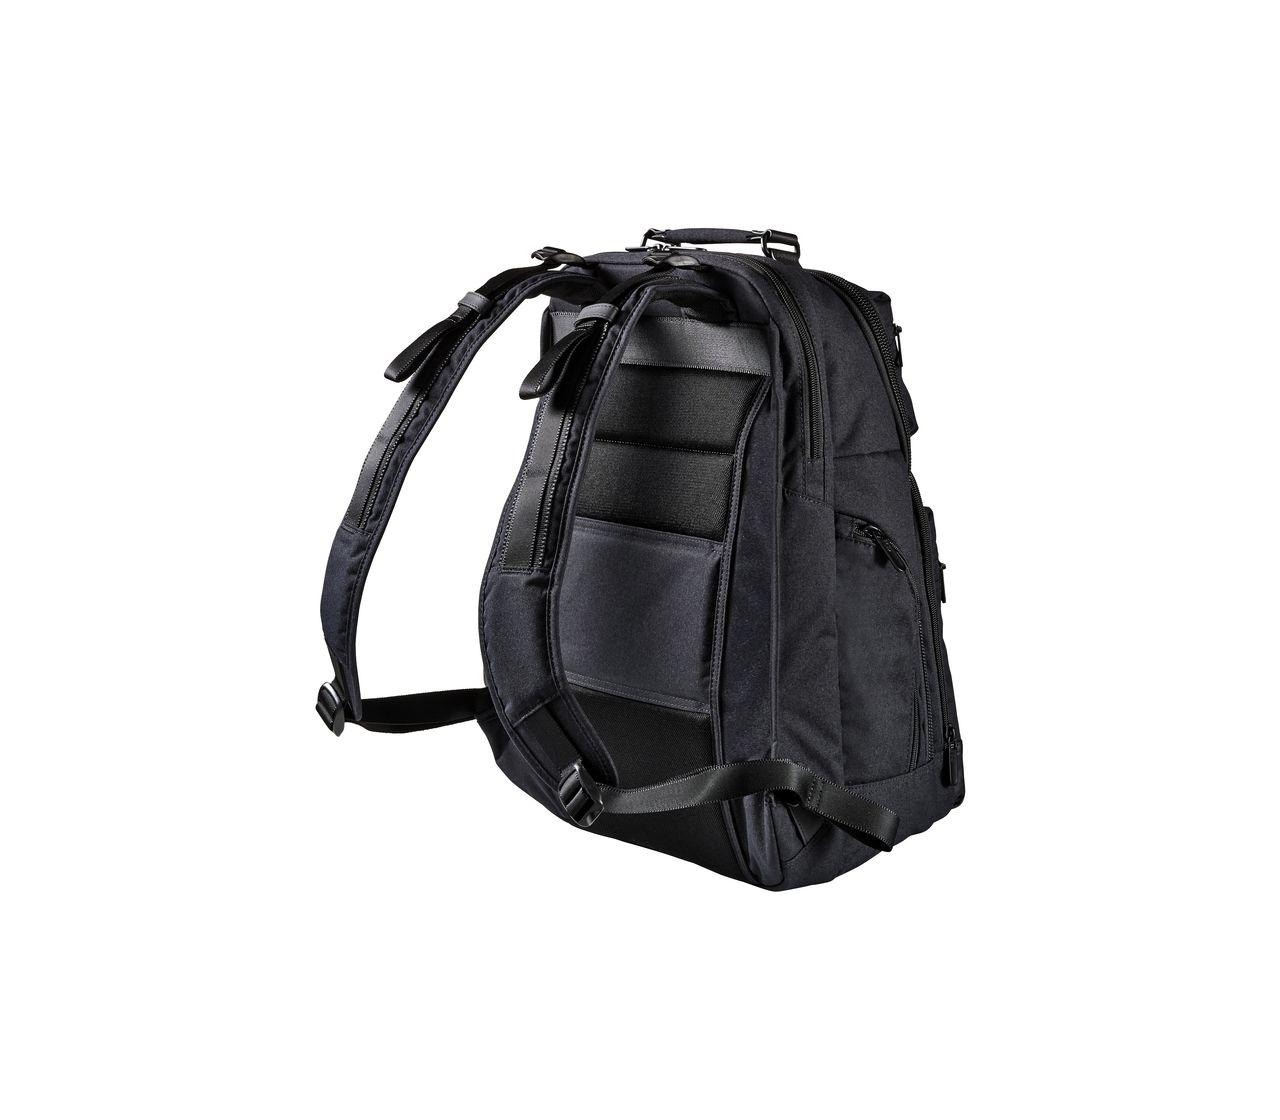 Victorinox Rath Slim Backpack In Black 602836